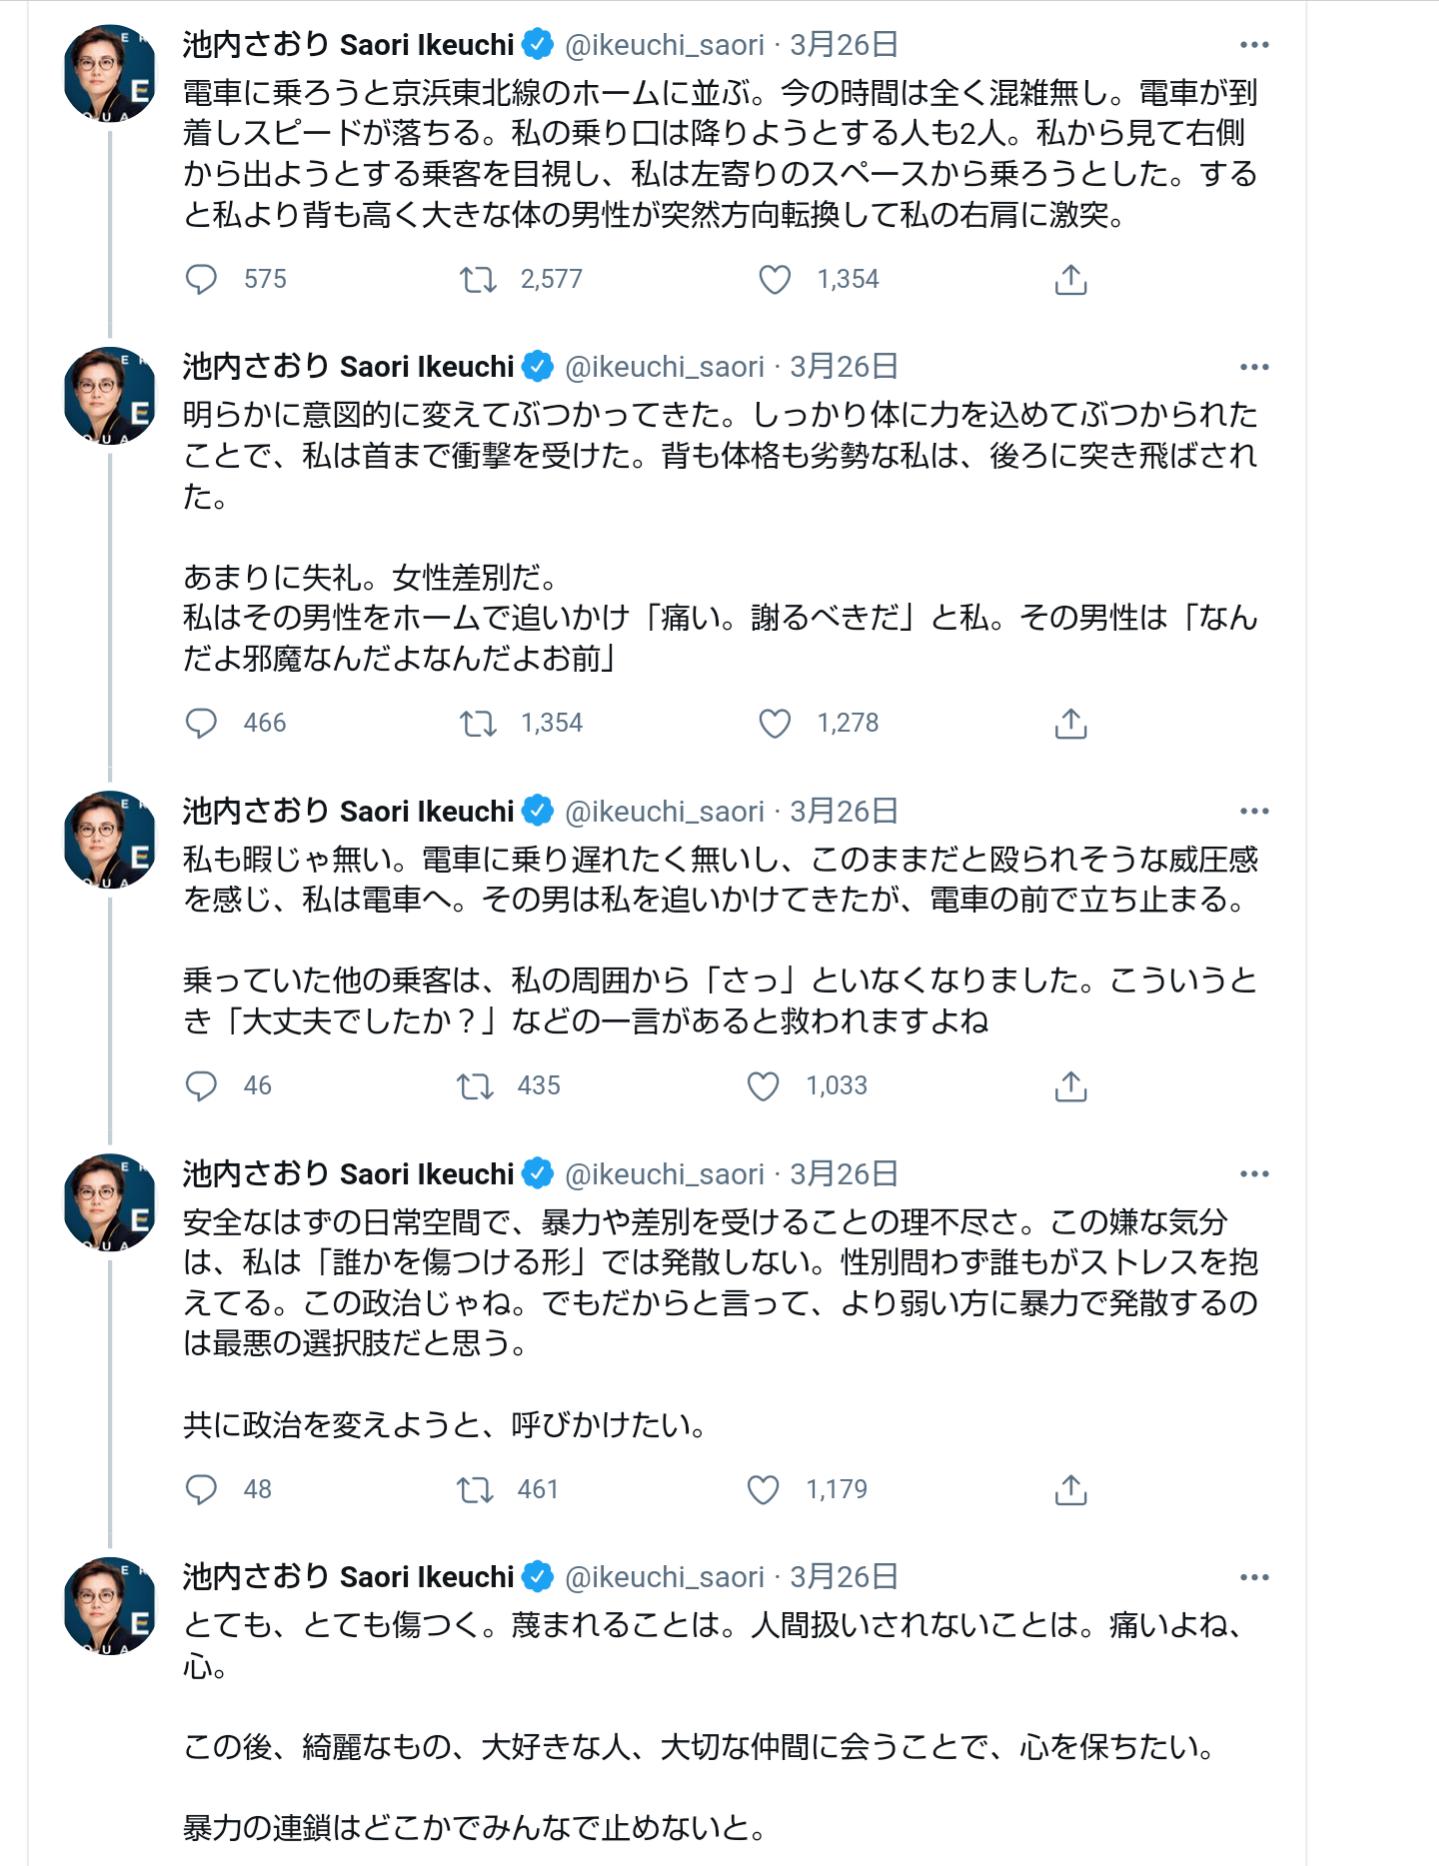 共産党の国会議員さん「電車の降車を待たずに乗車しようとしたら降車する人にぶつかられた女性差別!」